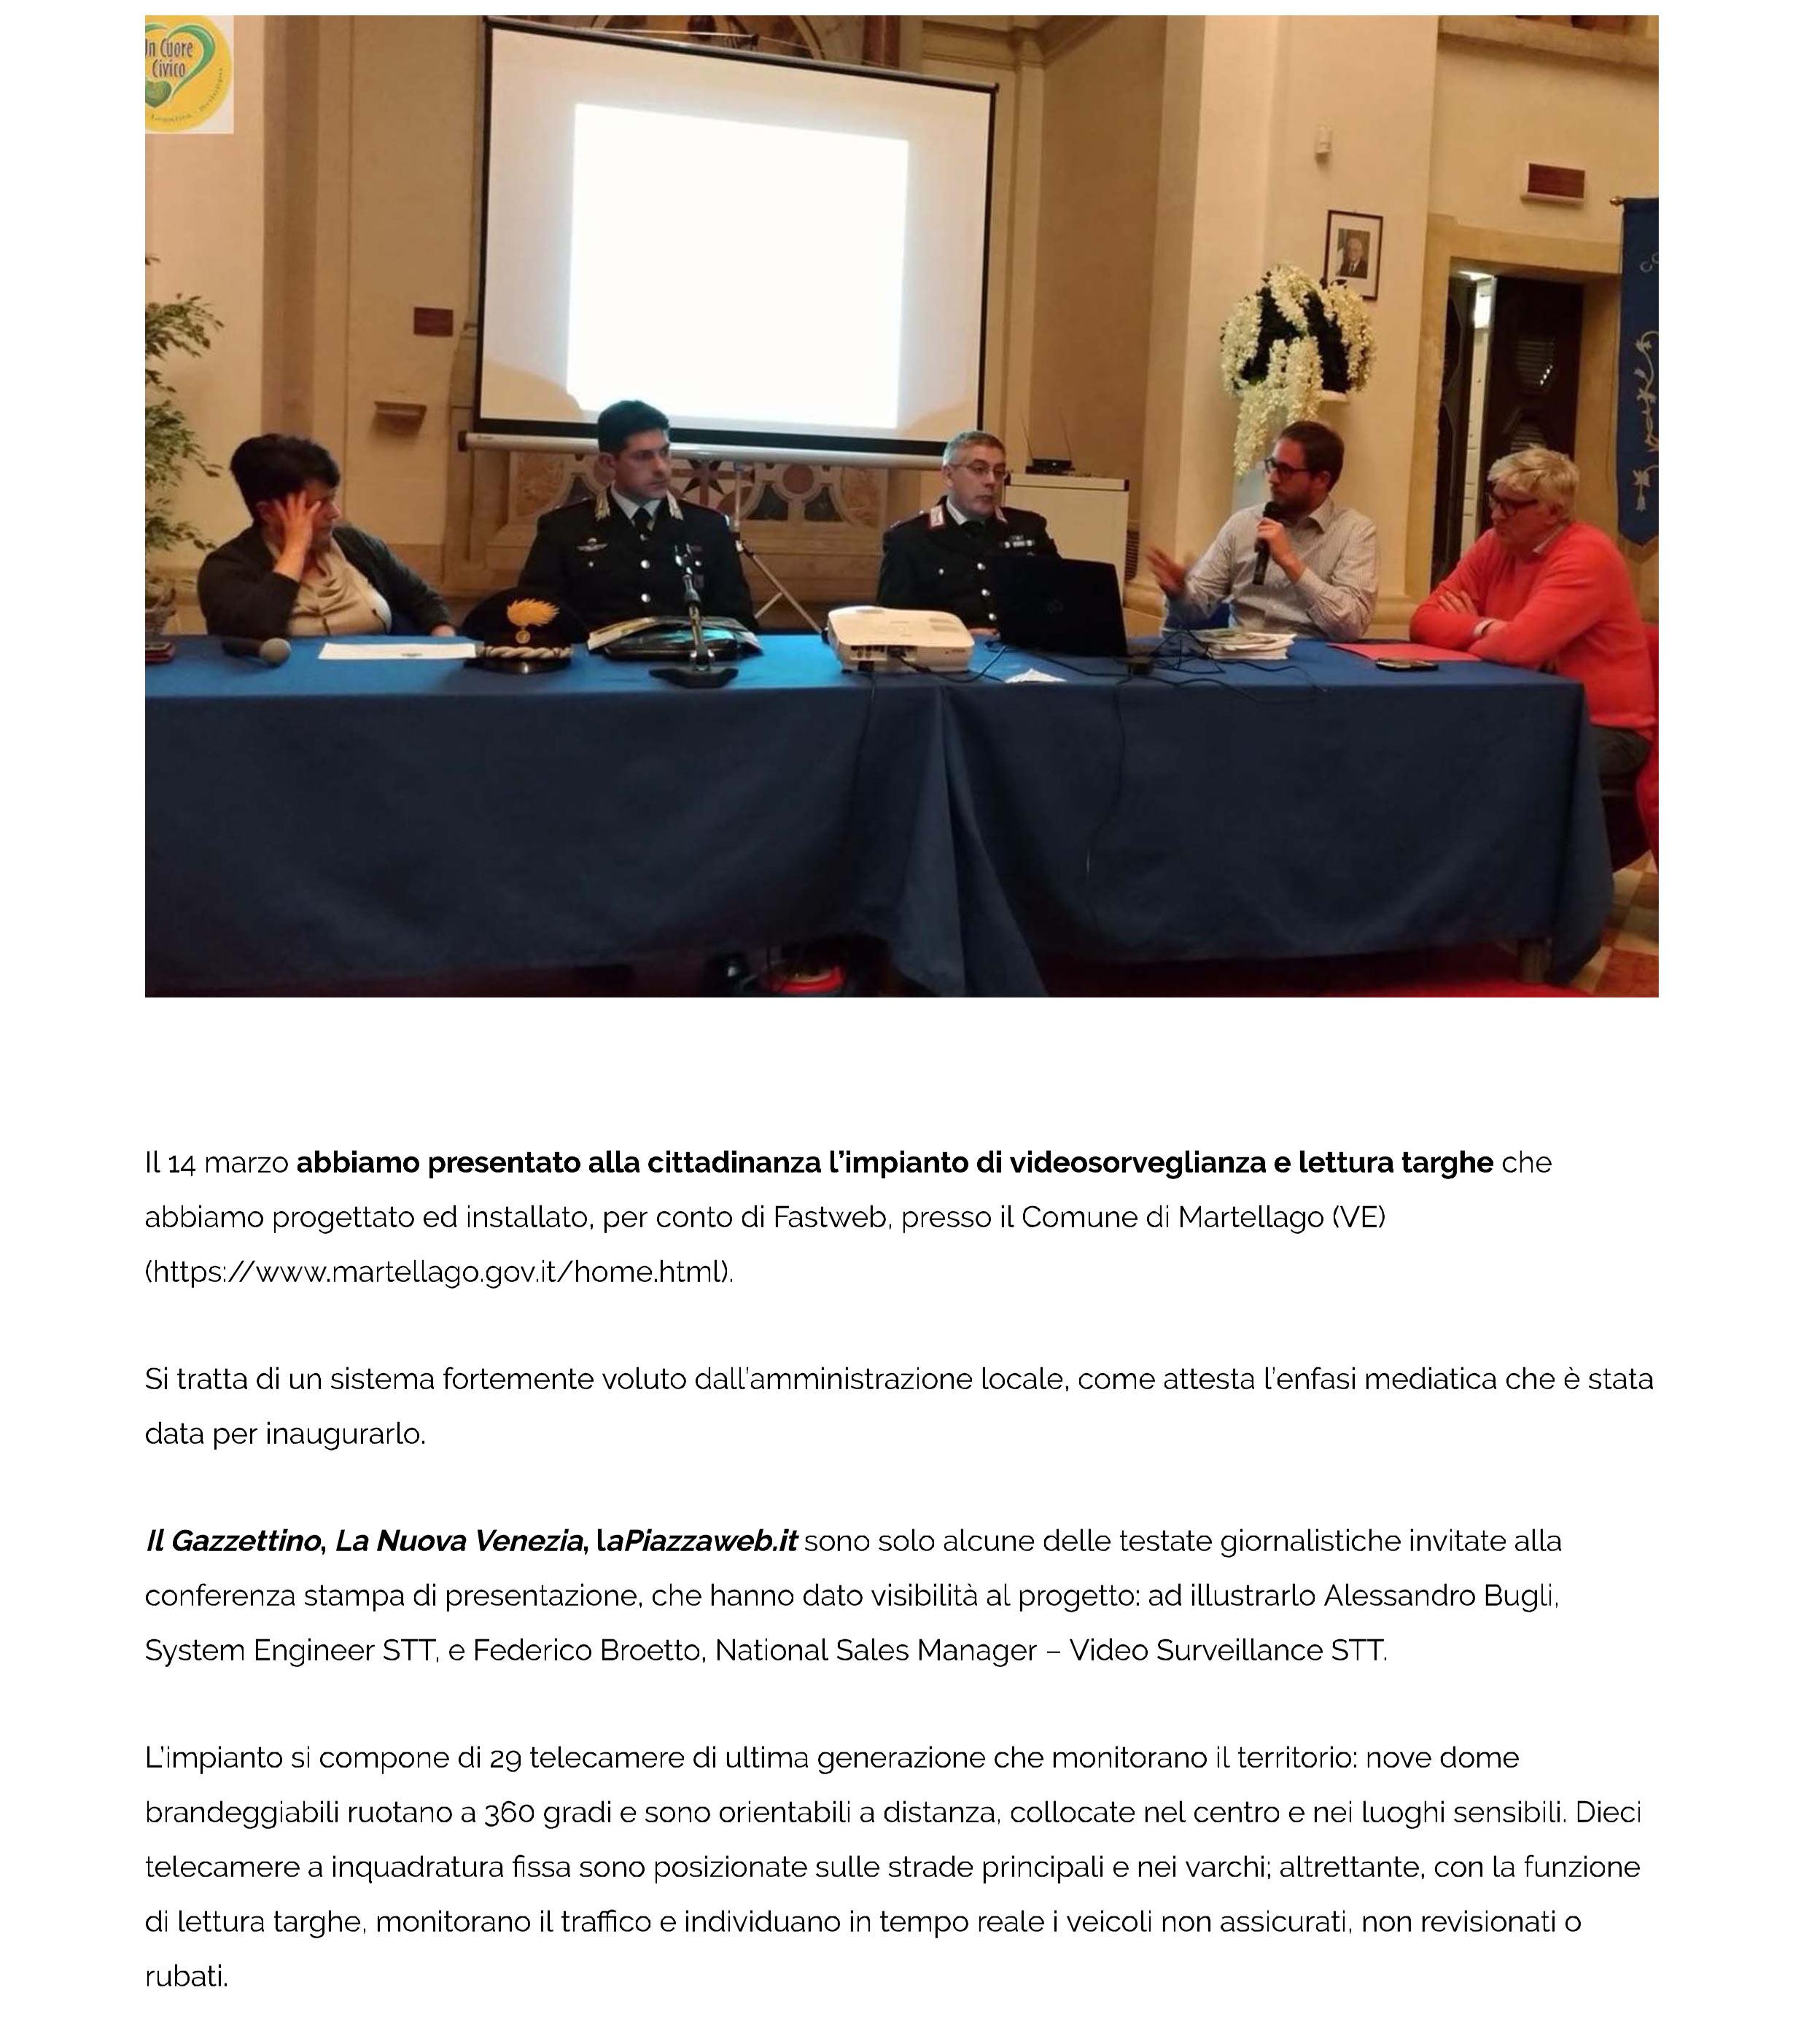 news_videosorveglianza_martellago